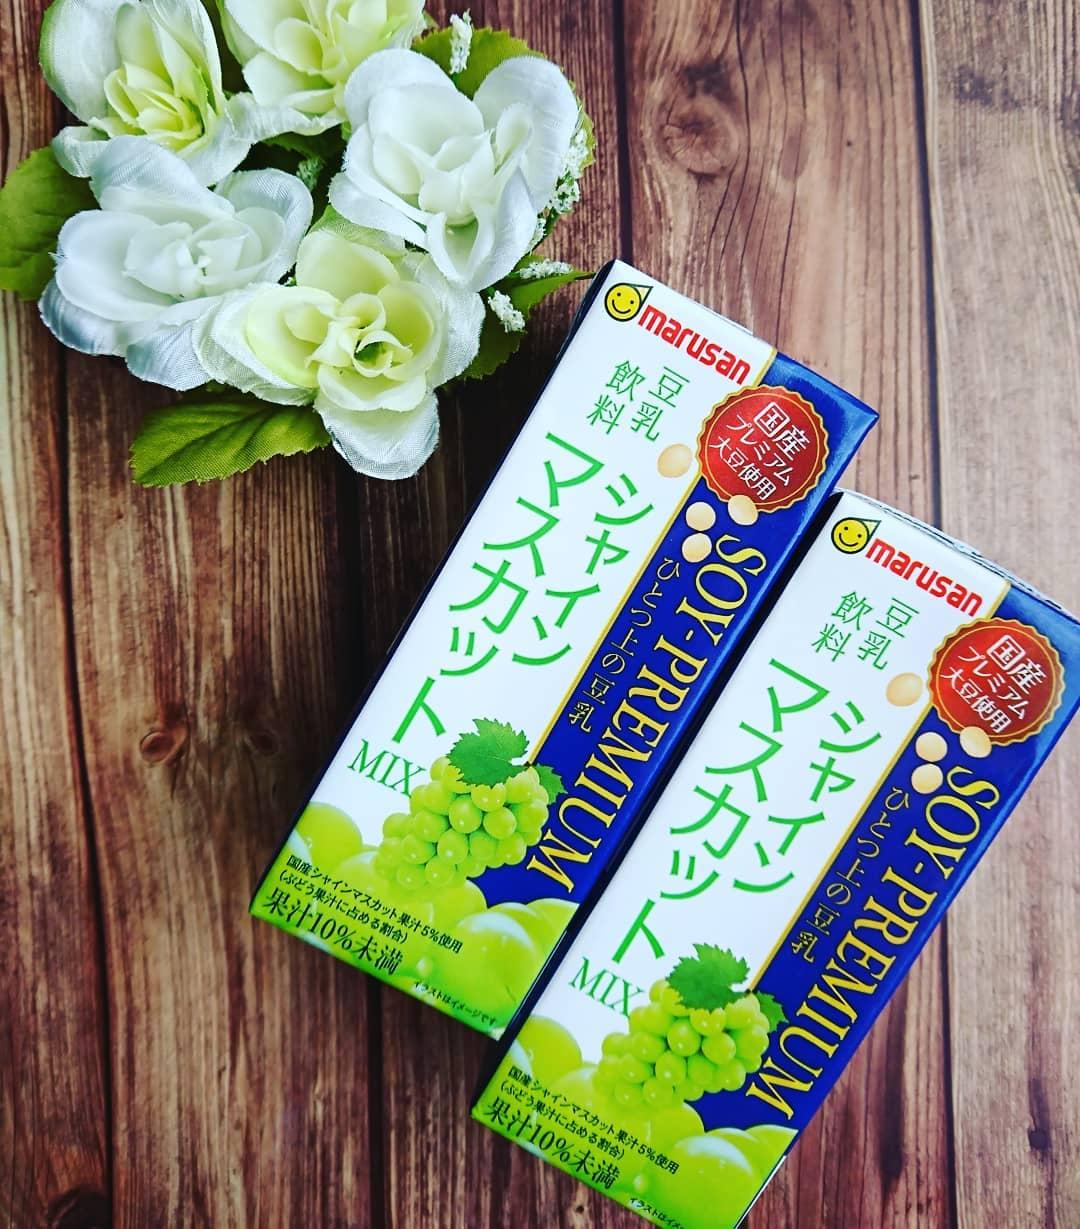 口コミ投稿:#マルサンアイ株式会社#ソイプレミアムひとつ上の豆乳#豆乳飲料シャインマスカットMI…